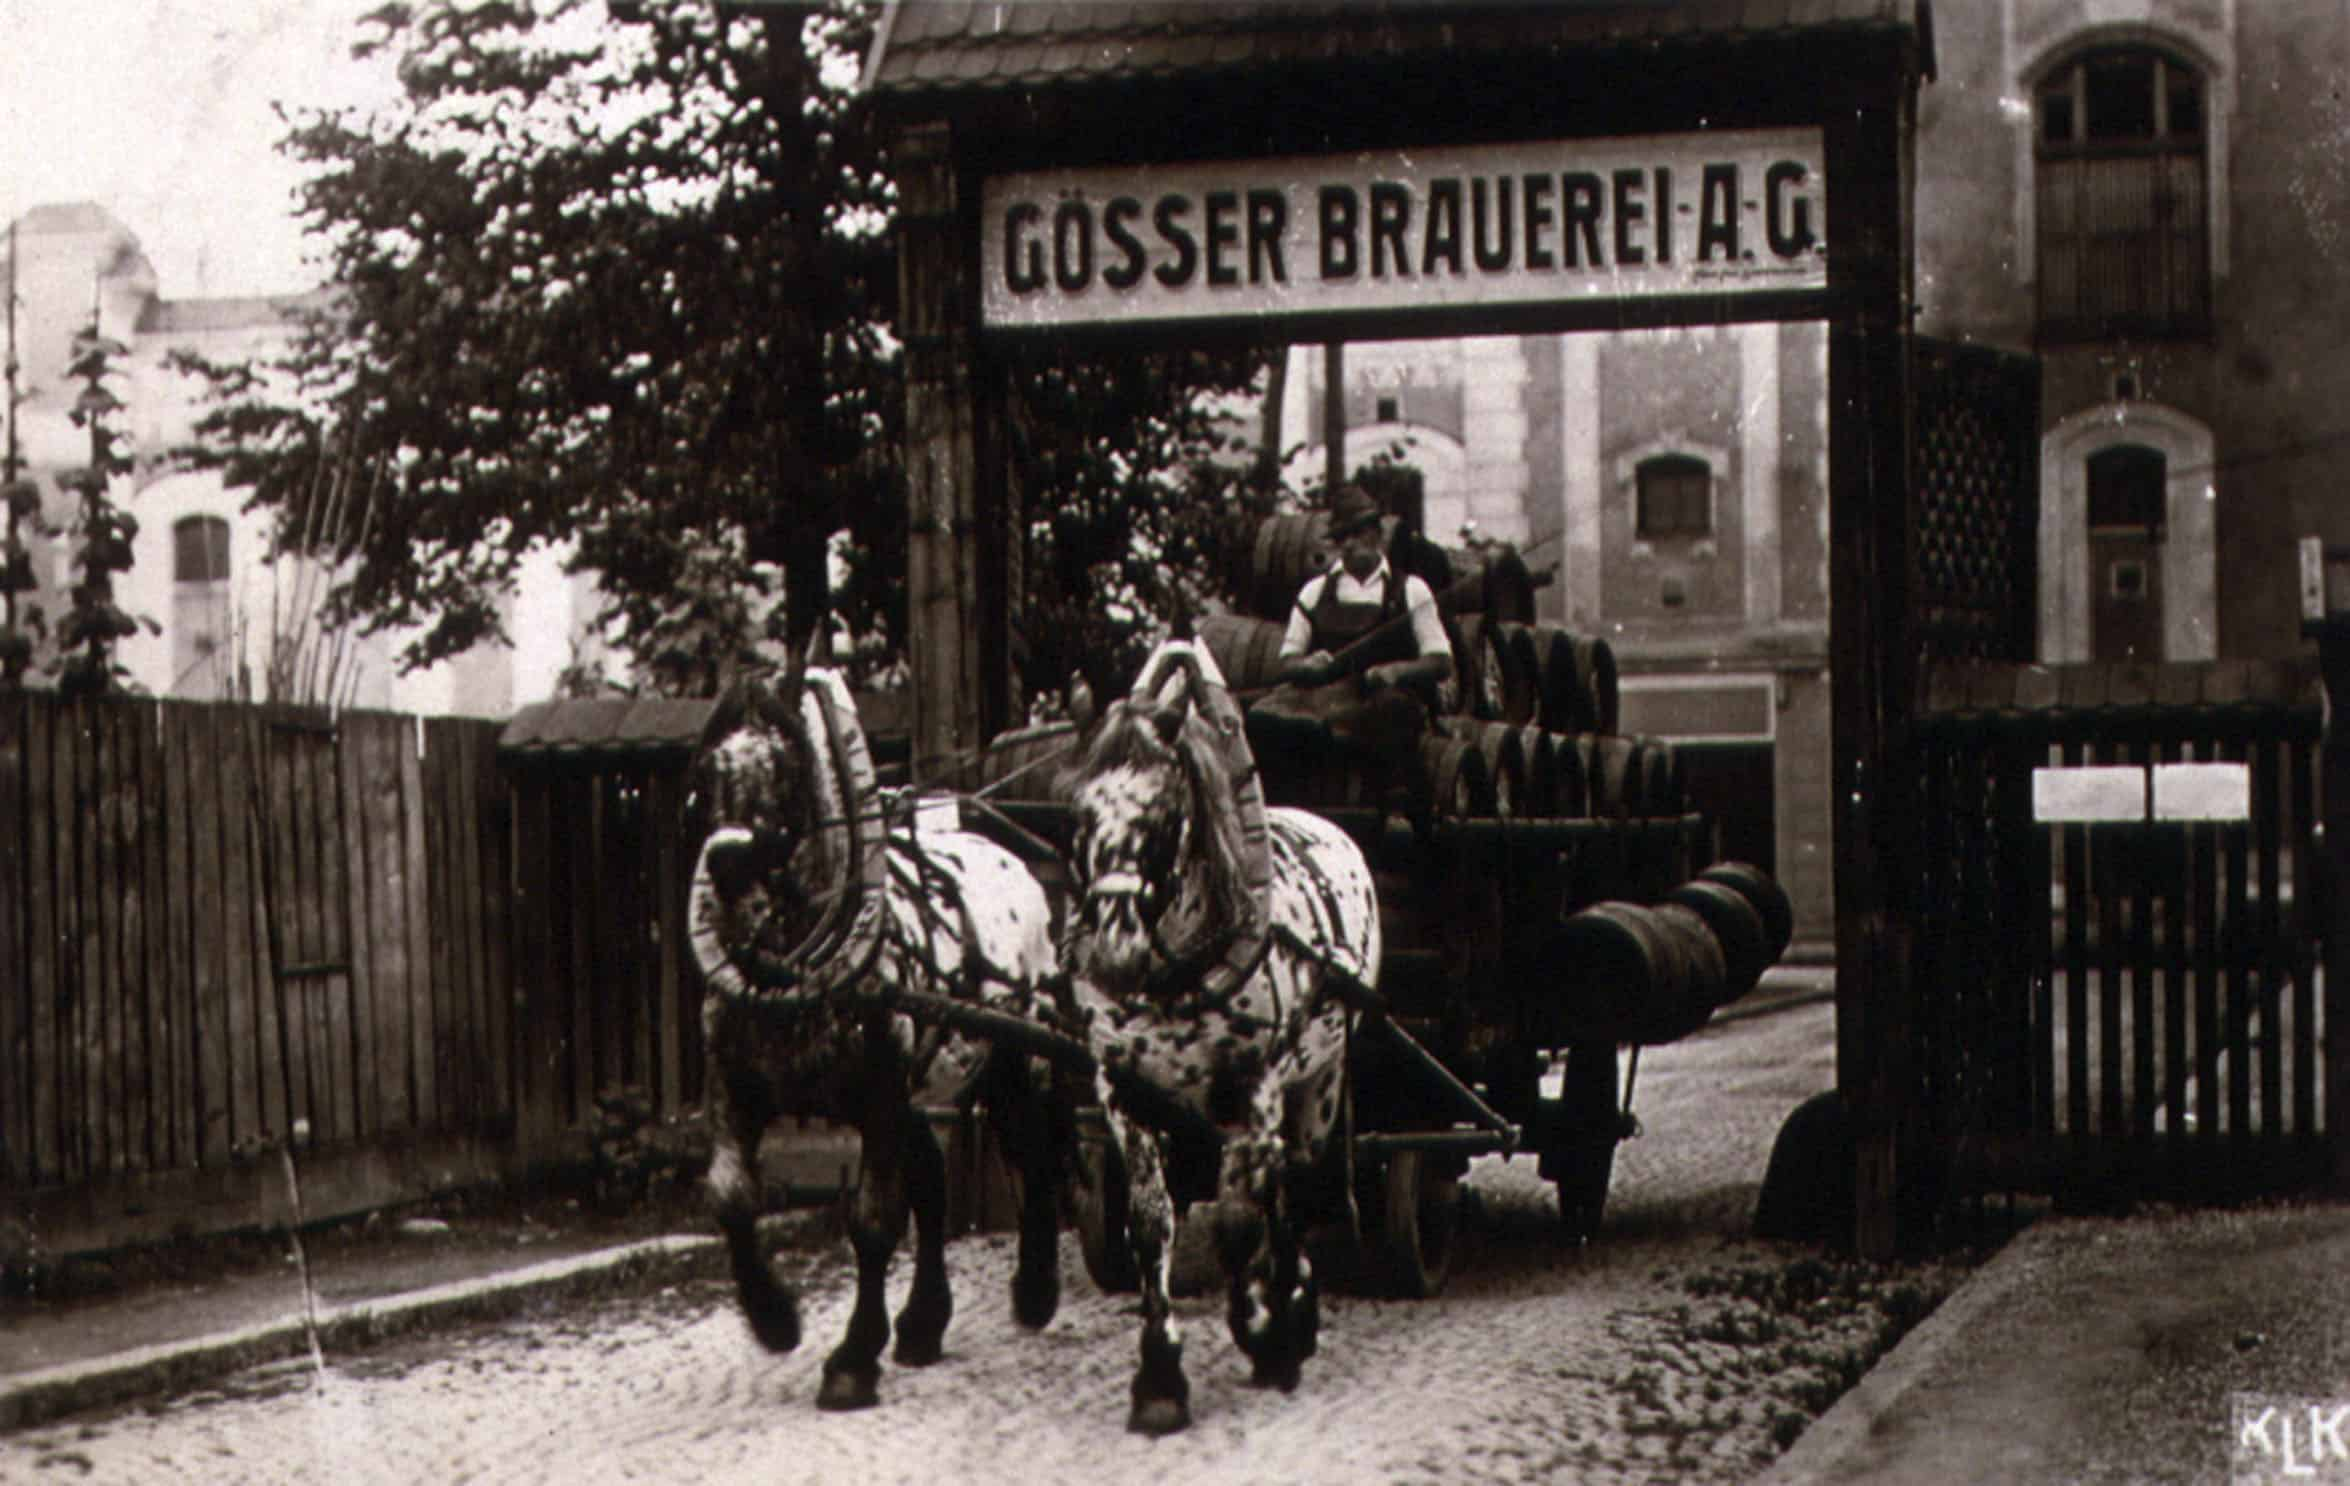 BrauUnion_Unternehmen-Geschichte_Gallery-29